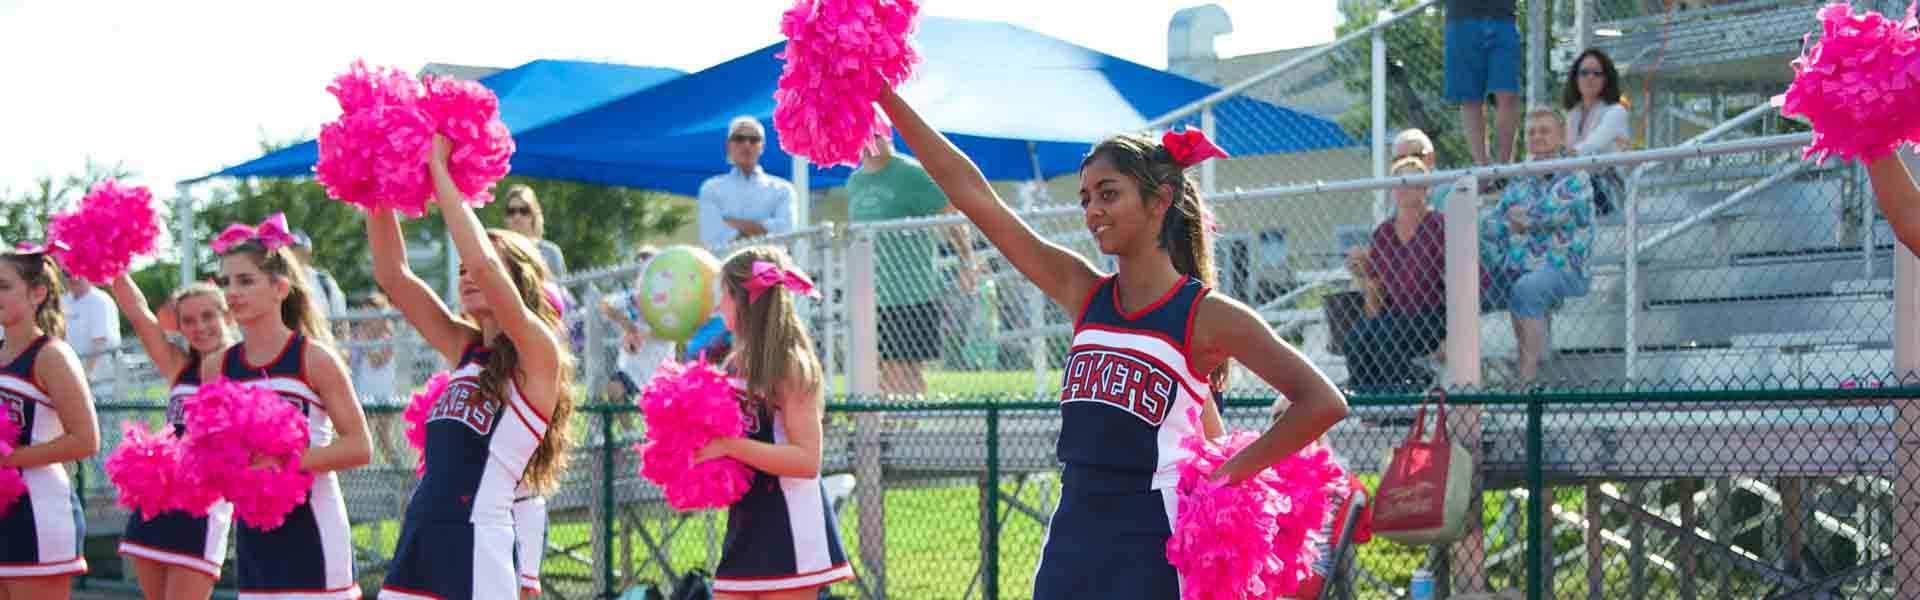 WindermerePrep-Highschool-FL-Cheerleaders-MAin-BAnner